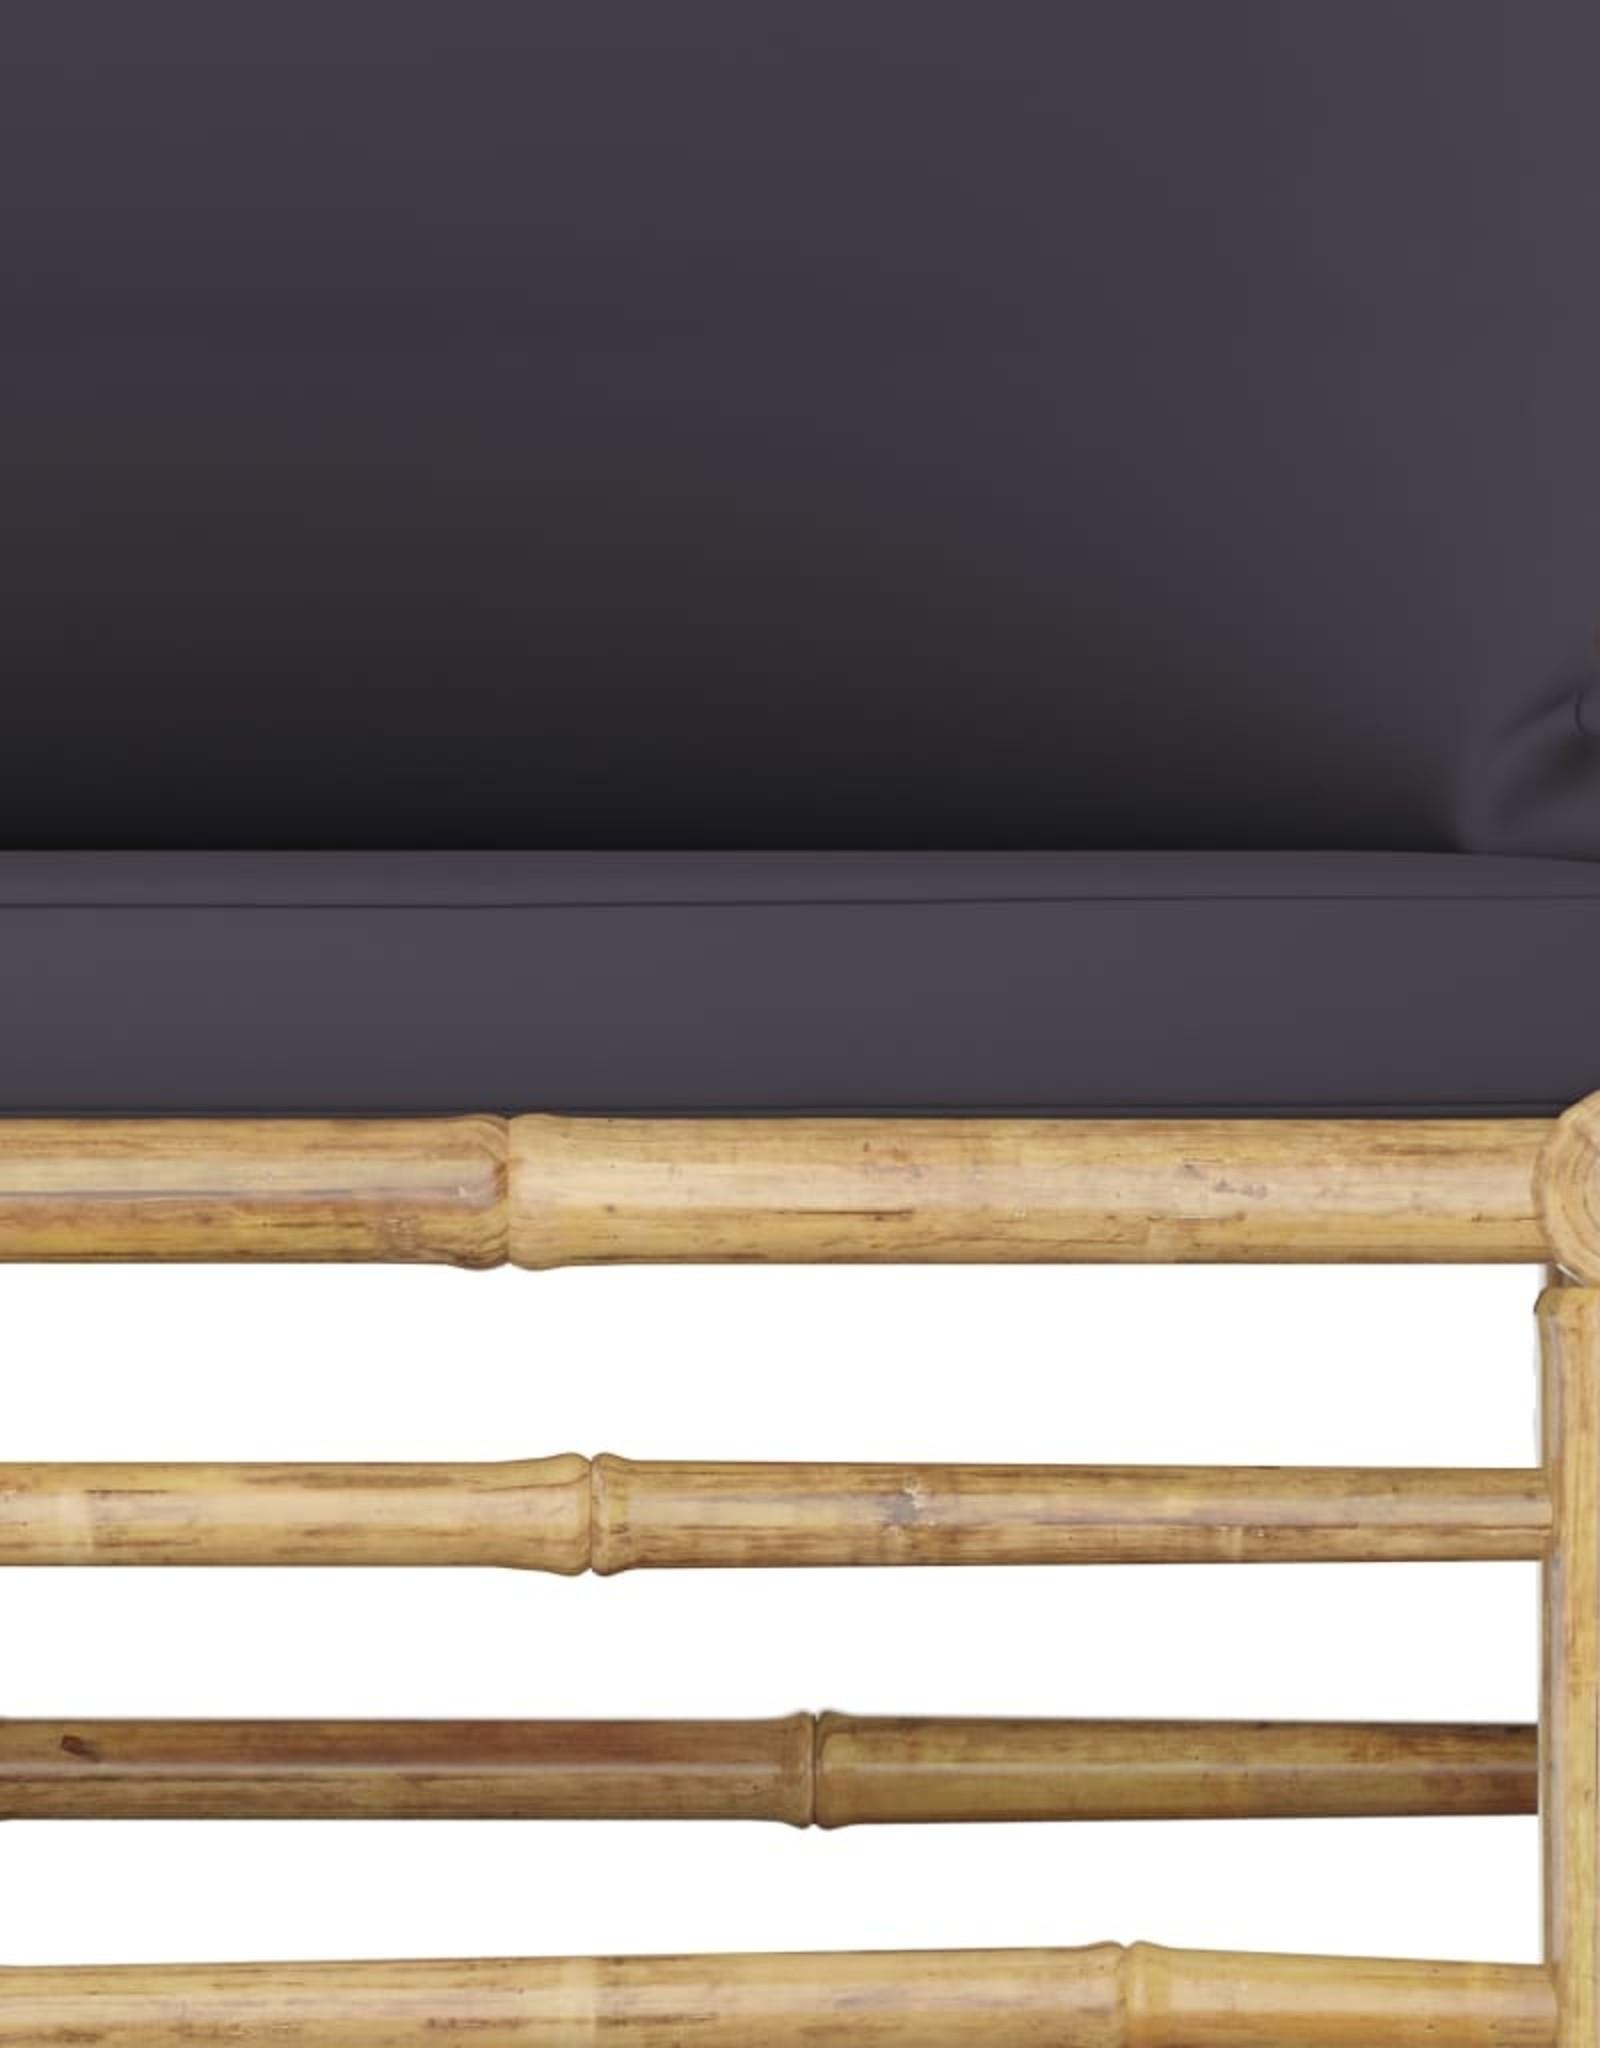 3-delige Loungeset met donkergrijze kussens bamboe